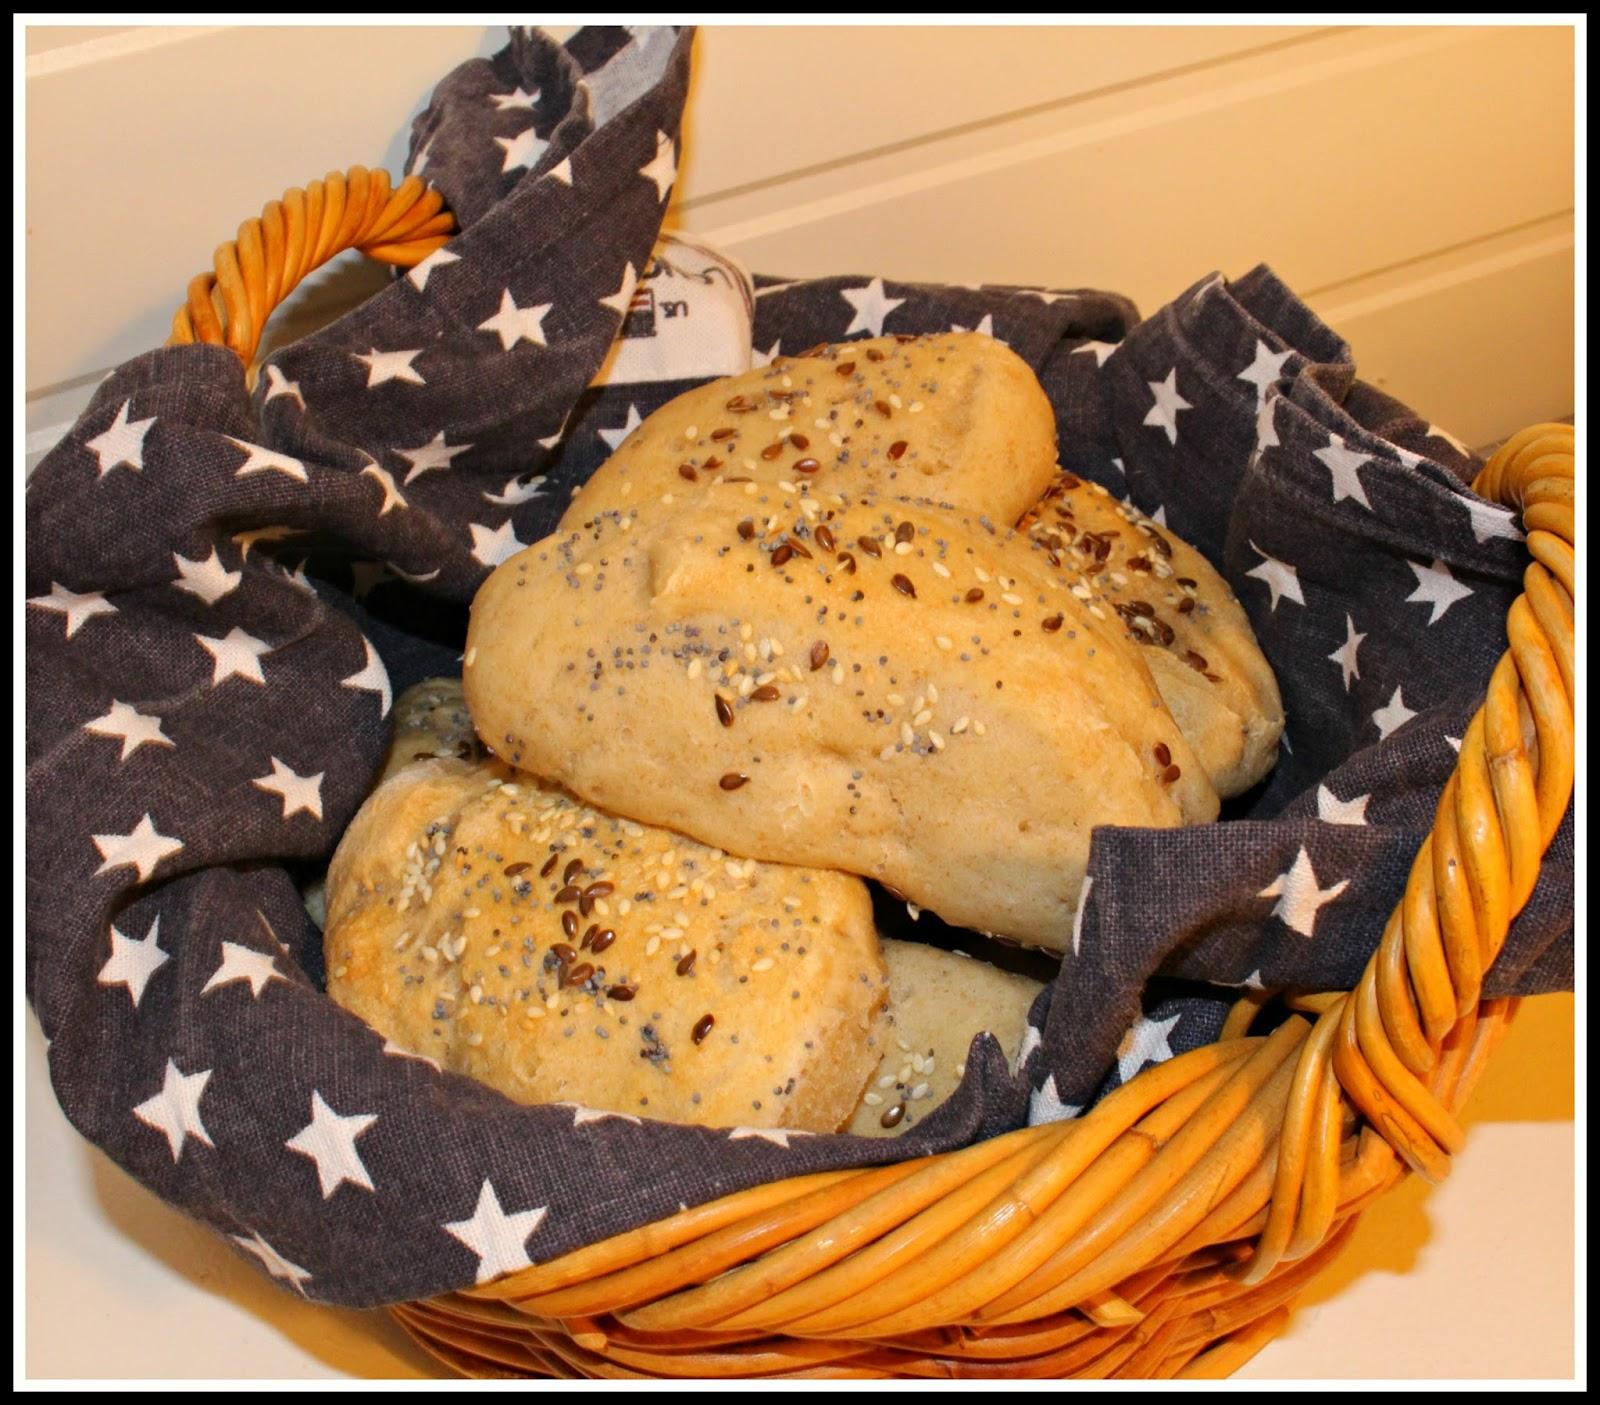 Baka surdegsbröd med färdig surdeg